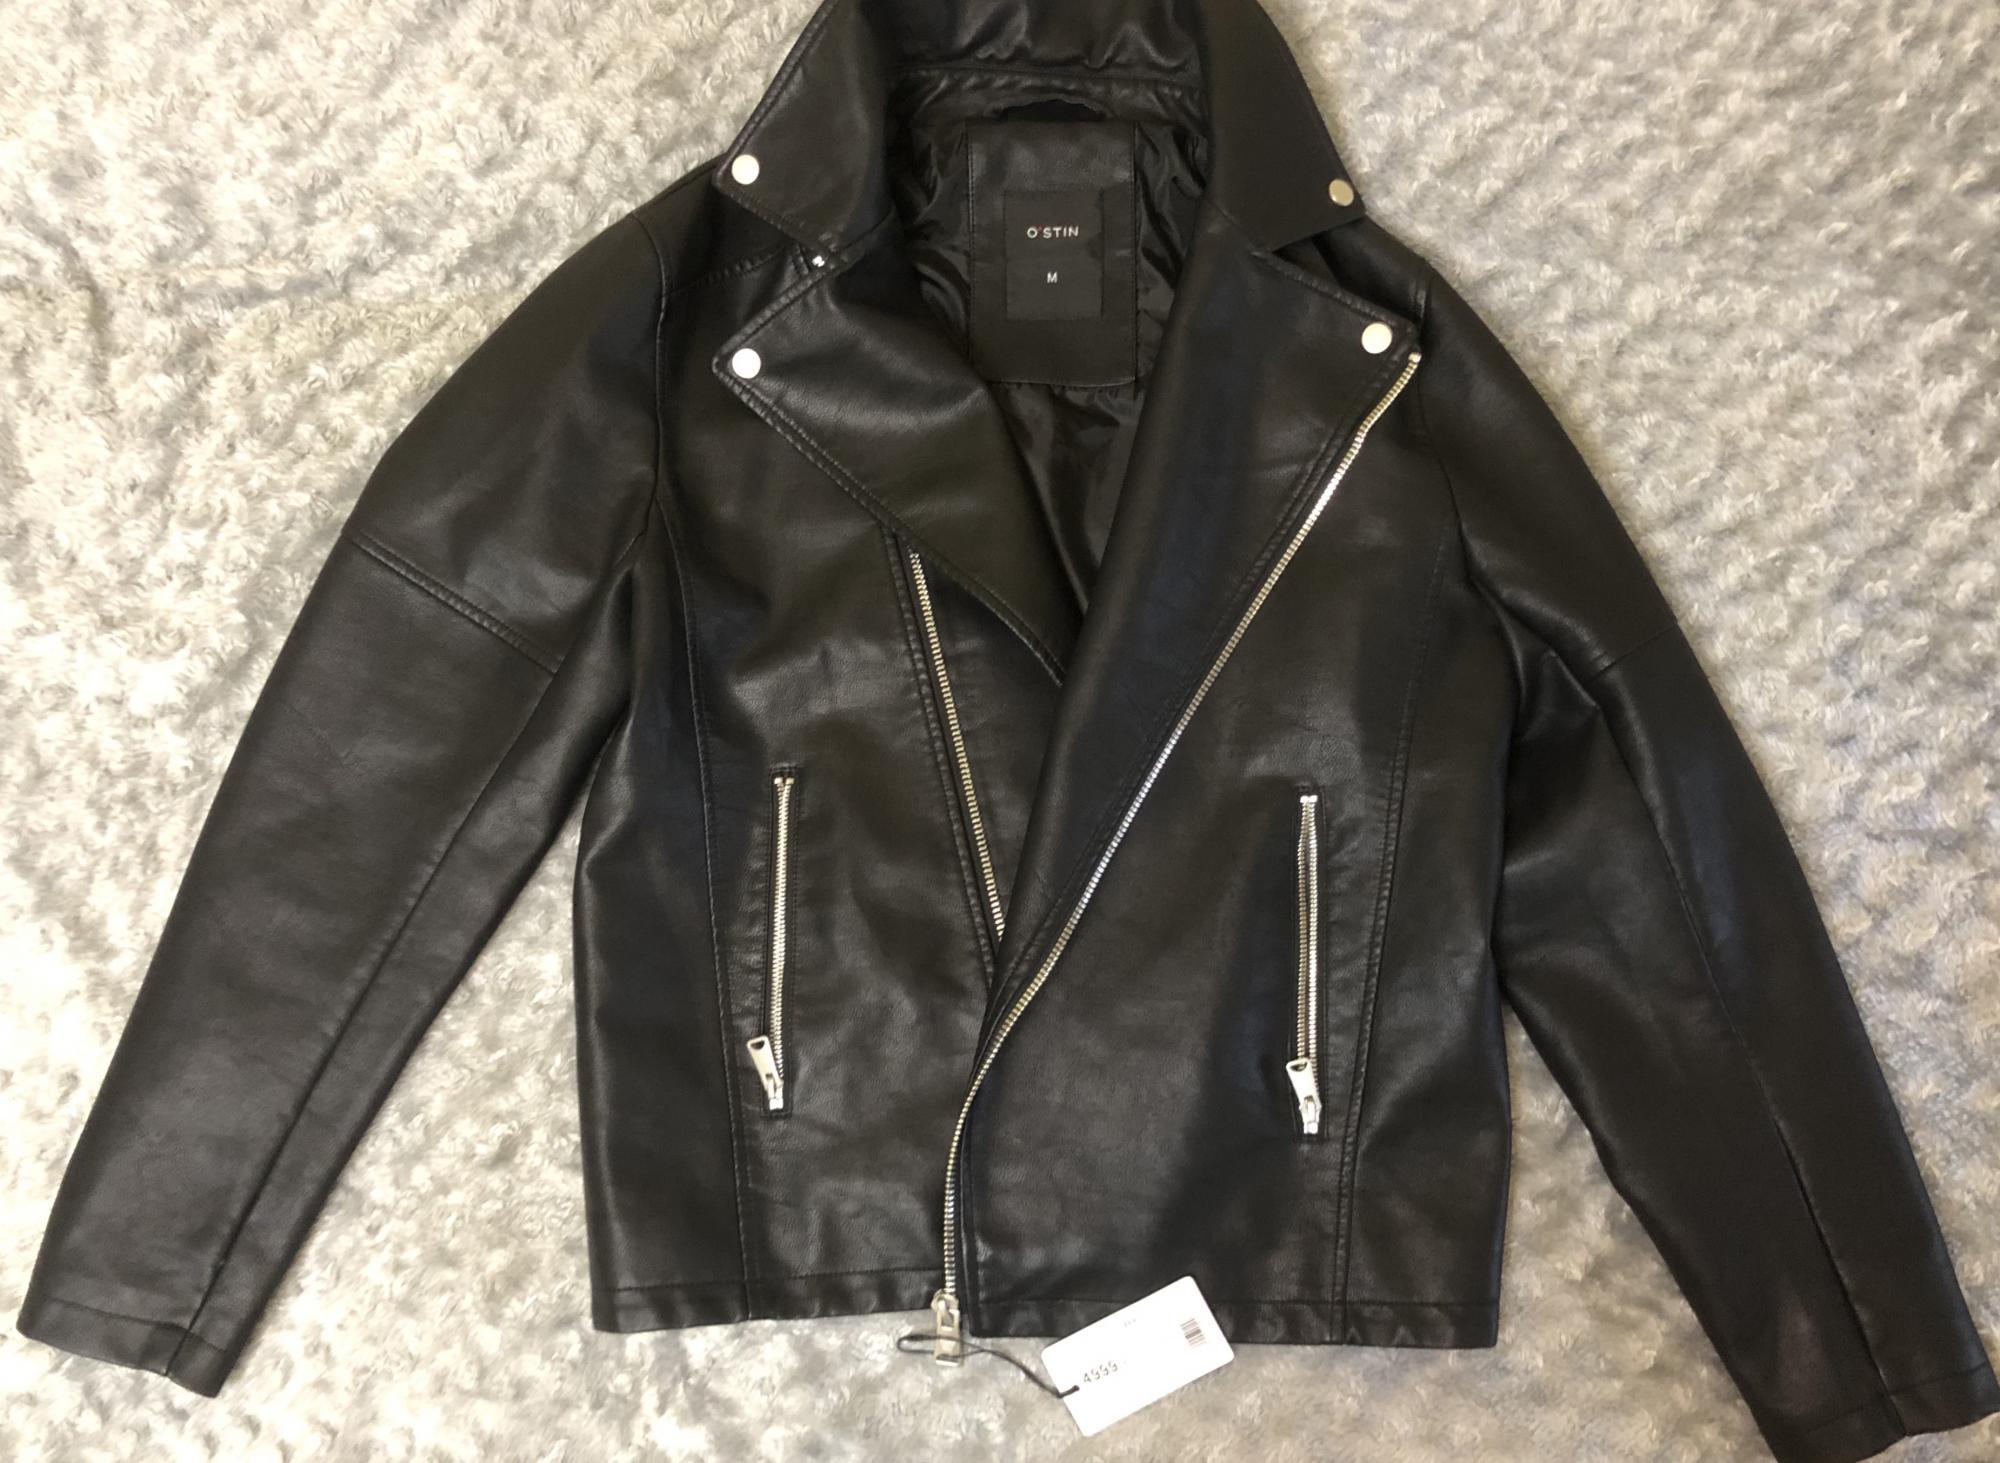 Мужская черная куртка O'stin в Москве 89256096656 купить 2